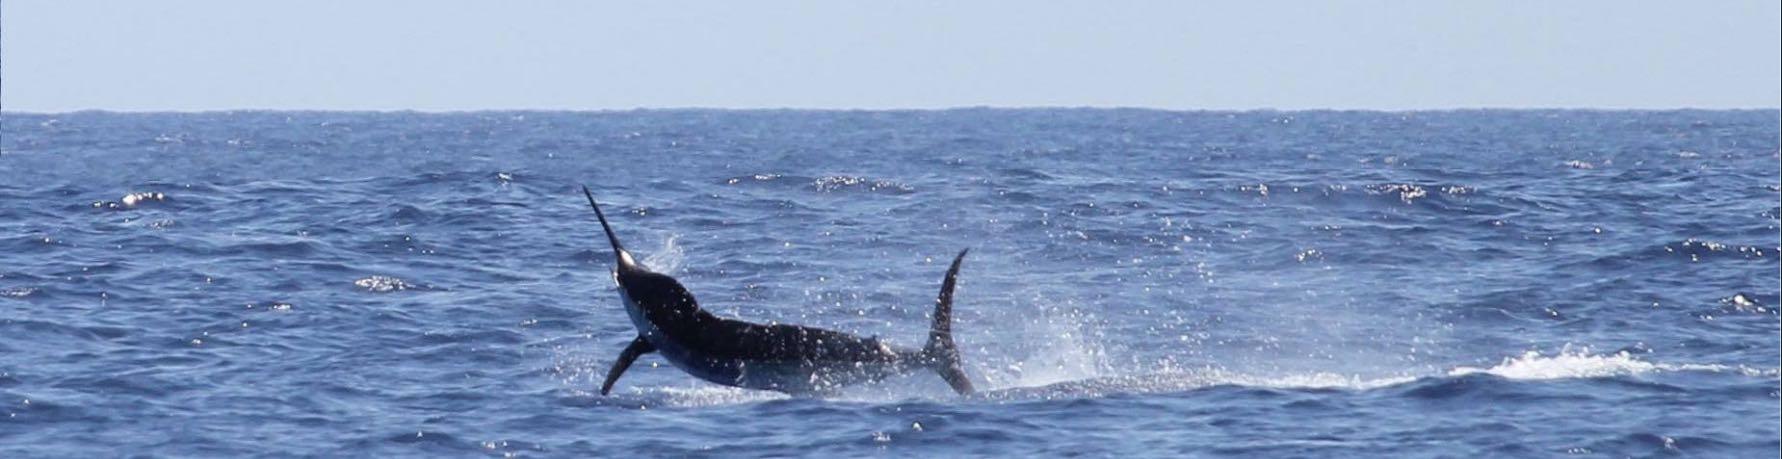 Sea-Fishing-Malindi-Kenya-Coast-Marlin-F